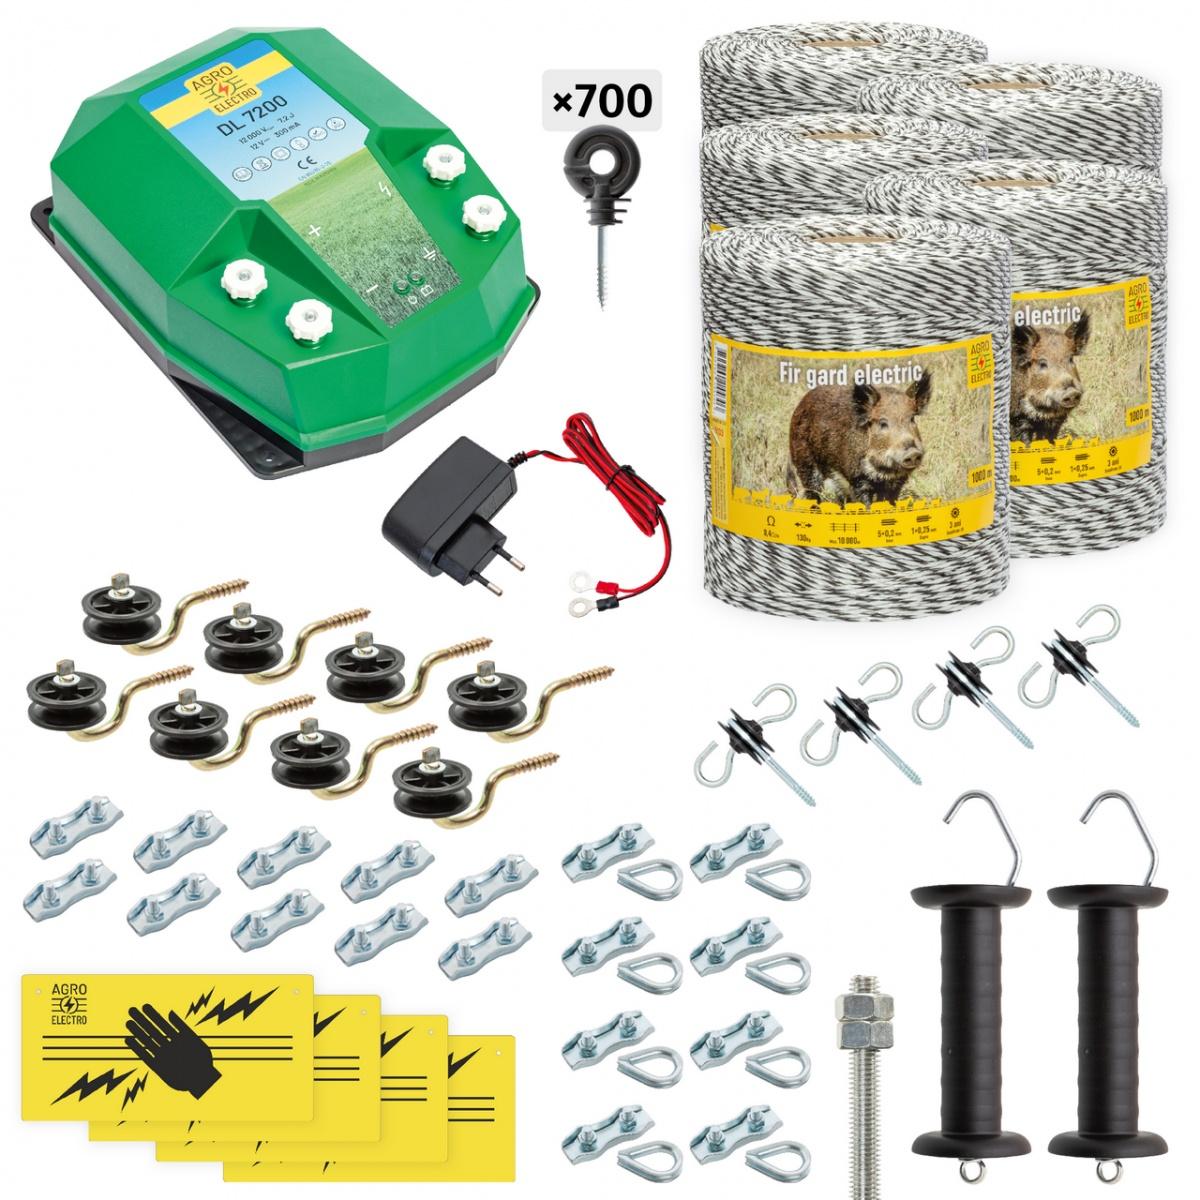 Pachet gard electric complet 5000m, 7,2Joule, 230V, pentru animale sălbatice